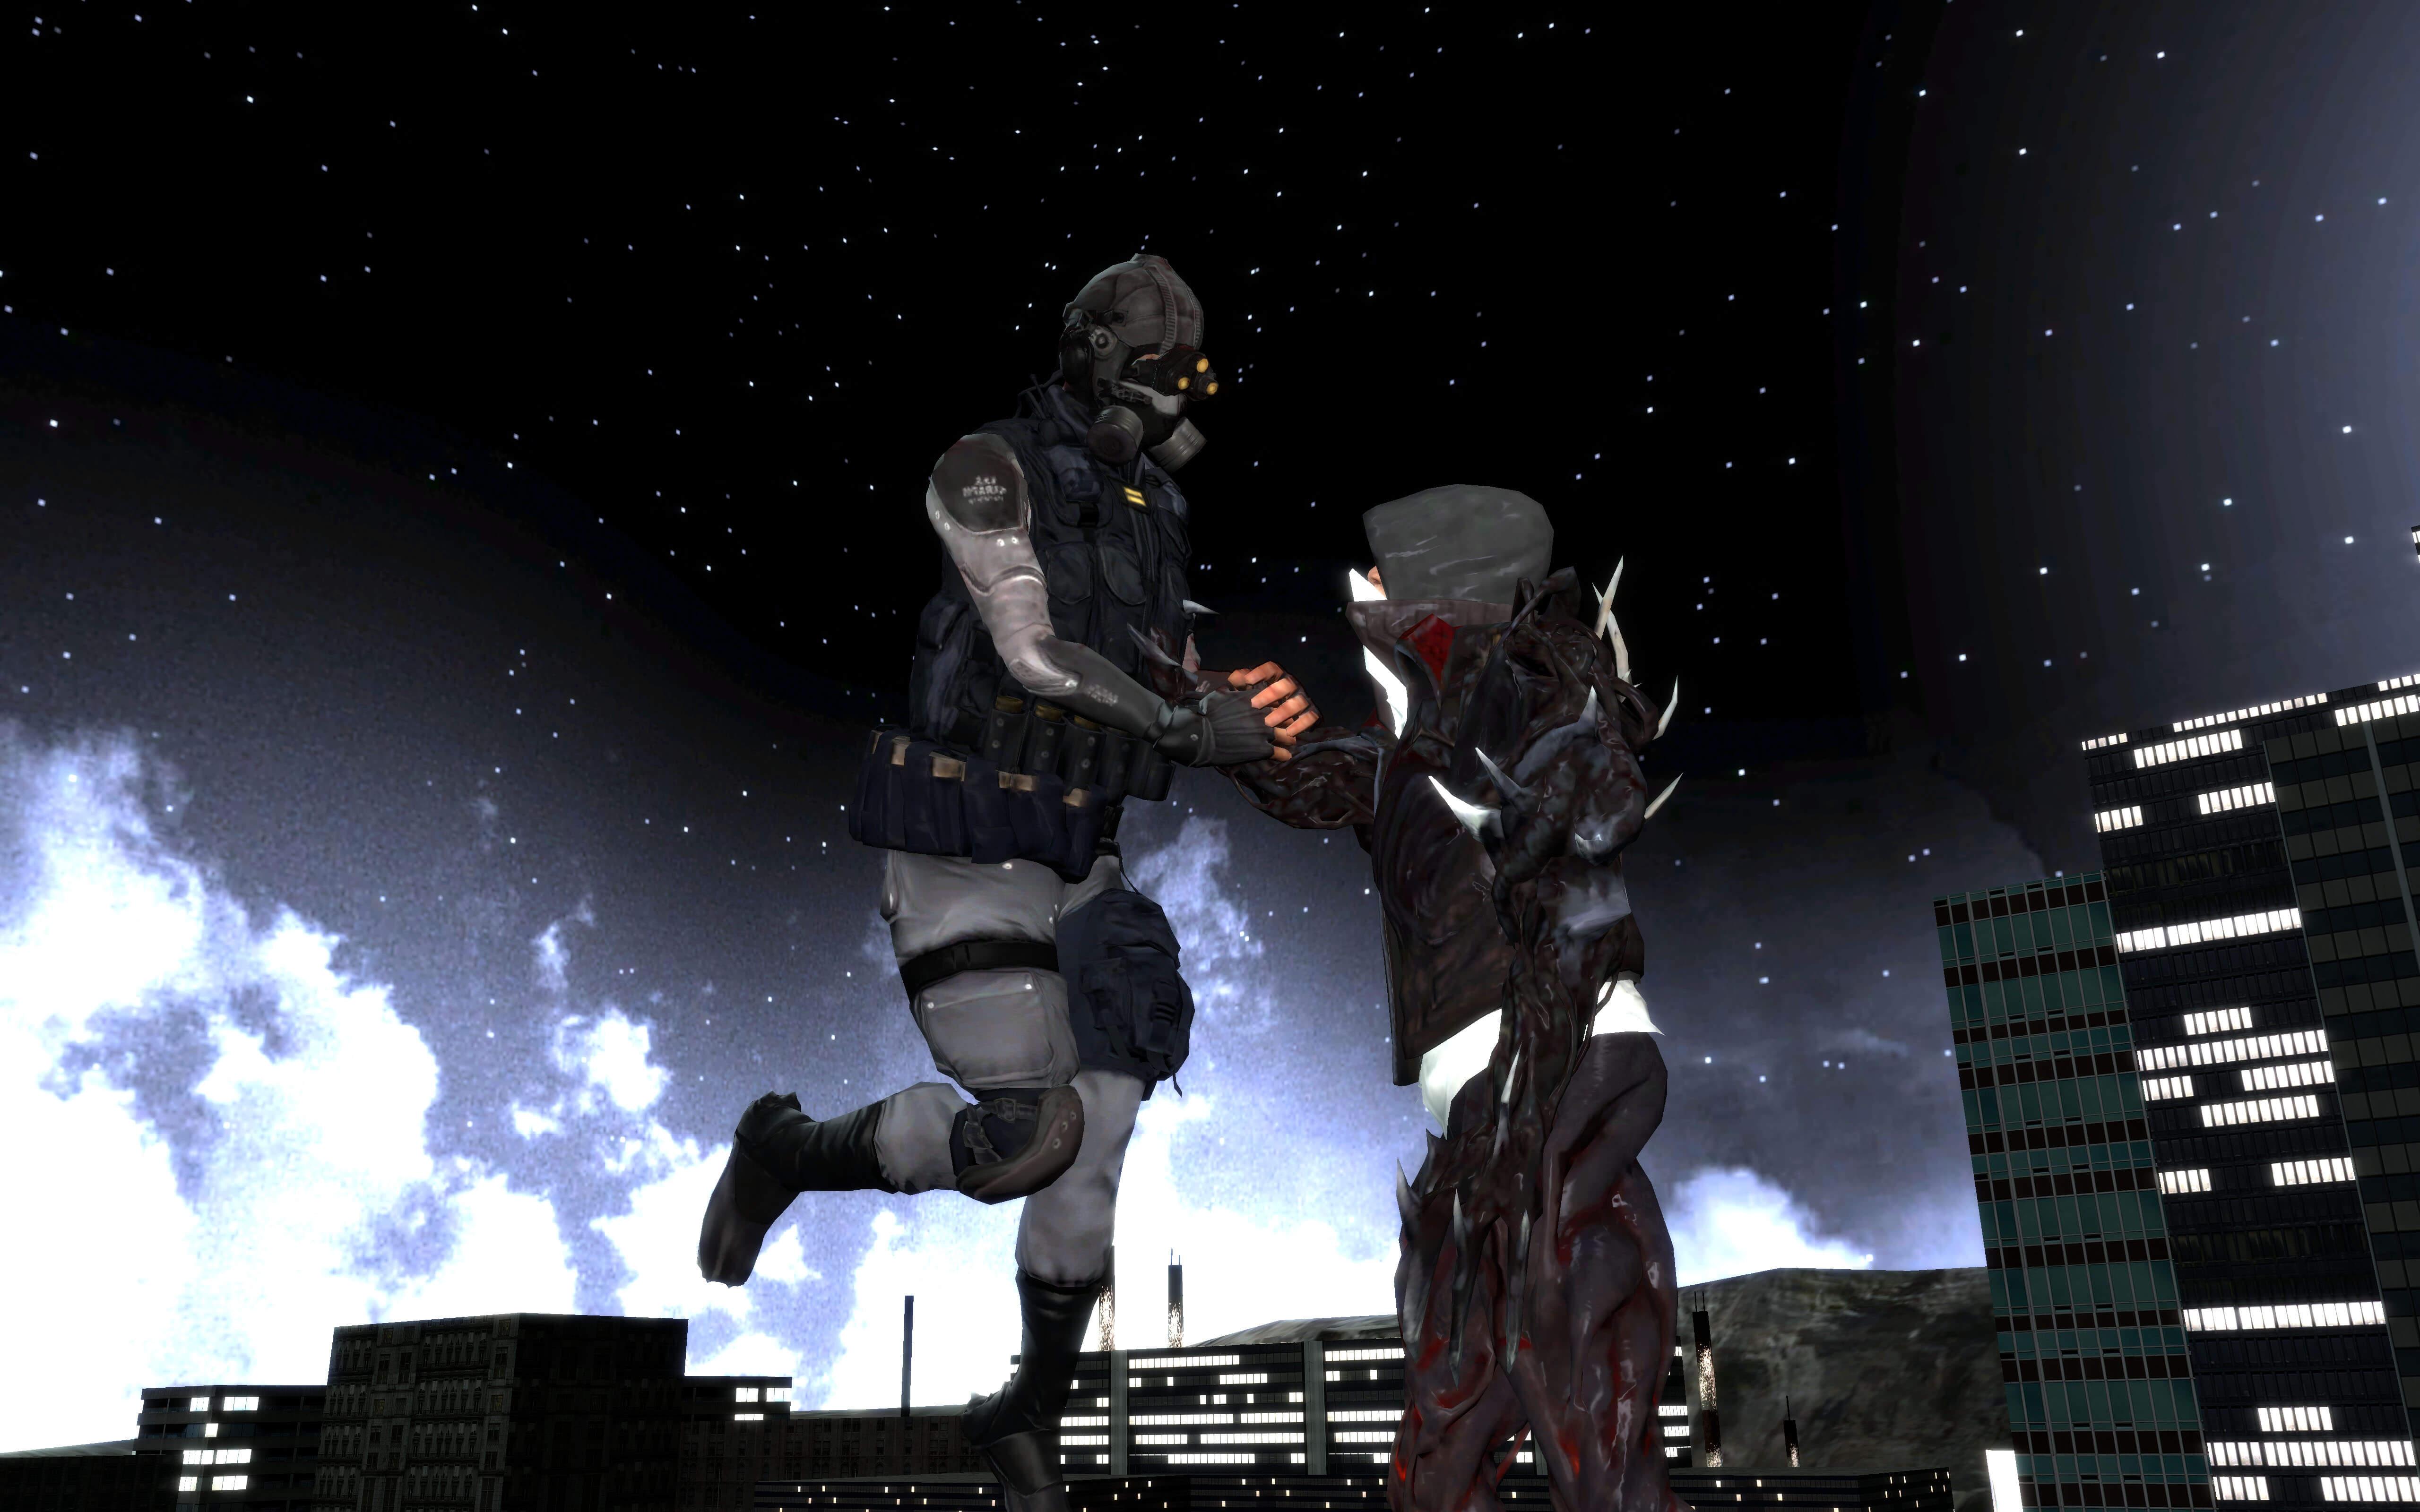 Фото бойцов спецназа из игры прототип тем как